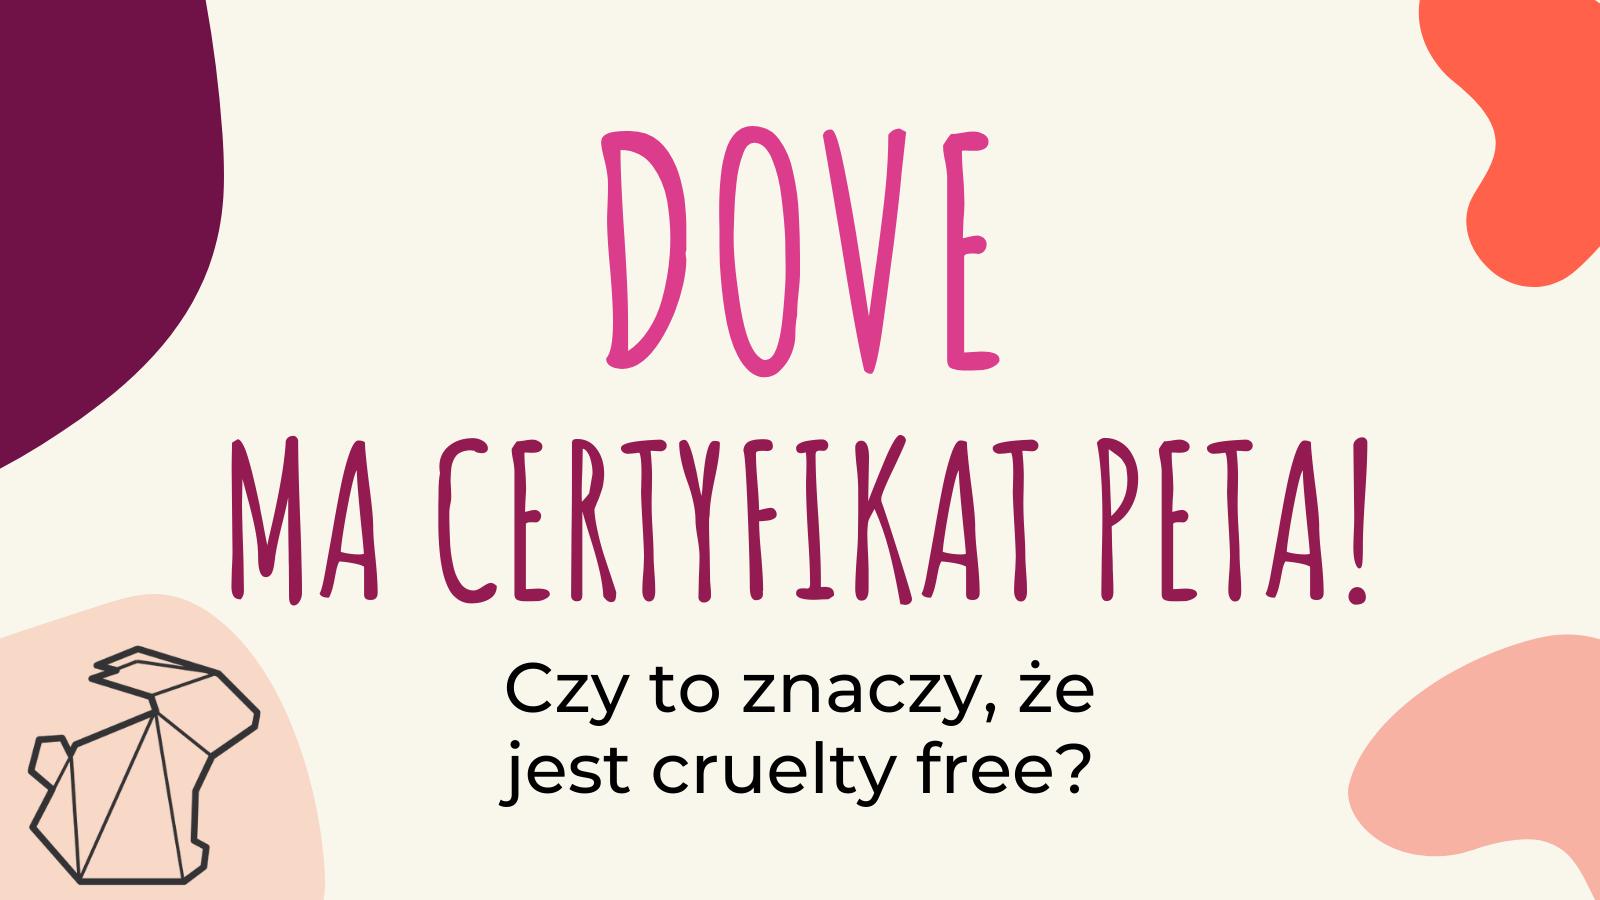 DOVE MA CERTYFIKAT PETA! CZY TO ZNACZY, ŻE JEST CRUELTY FREE?